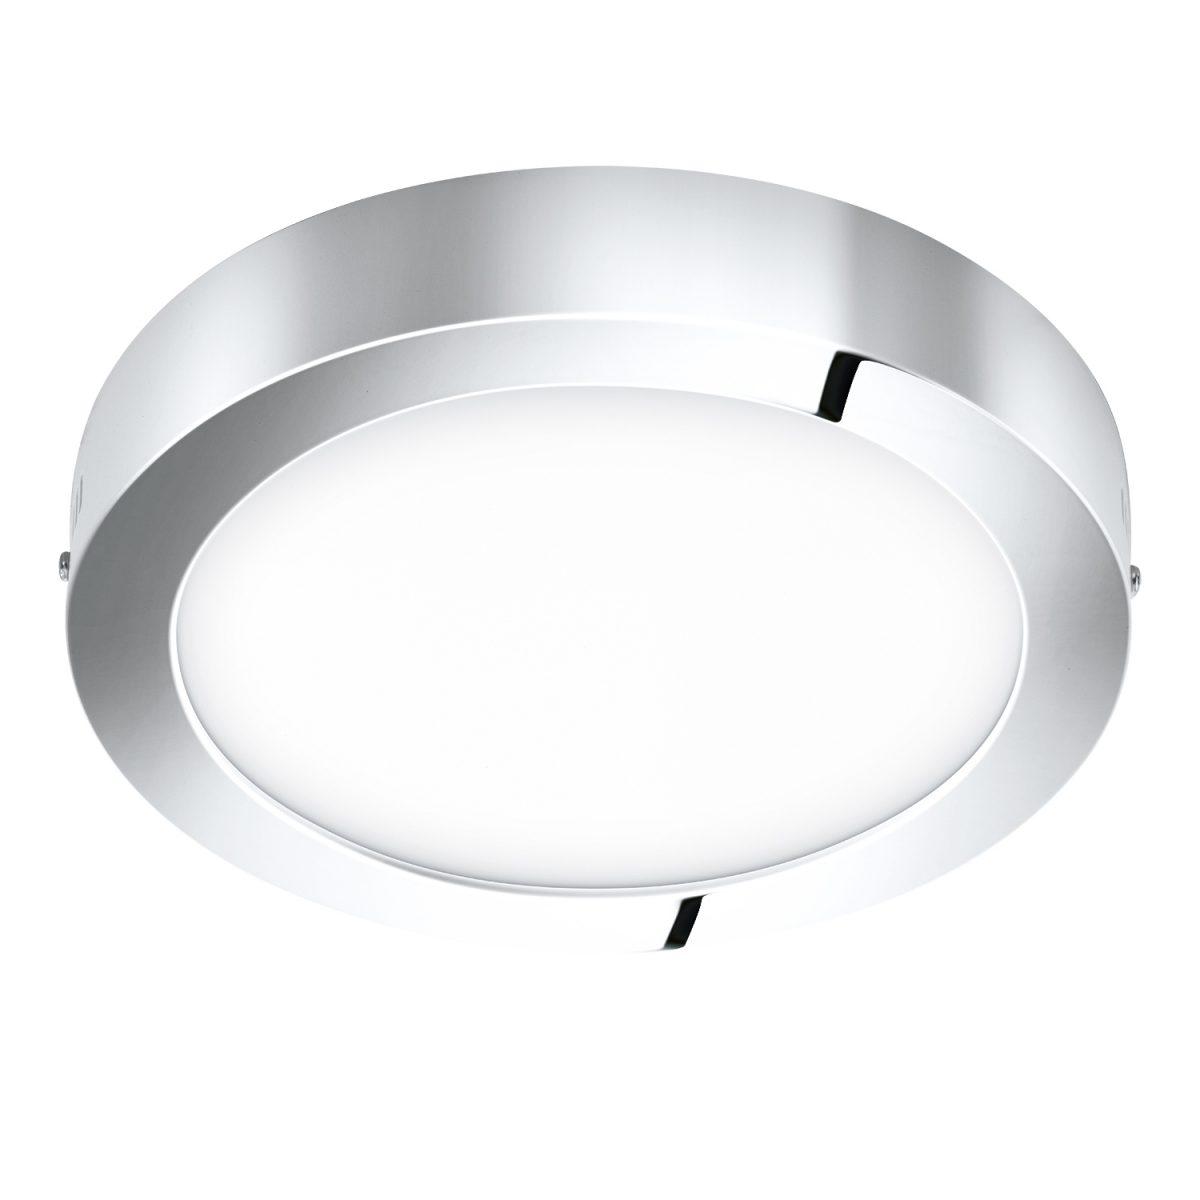 Светильник настенно-потолочный FUEVA 1 EGLO 96058 - Фото №28